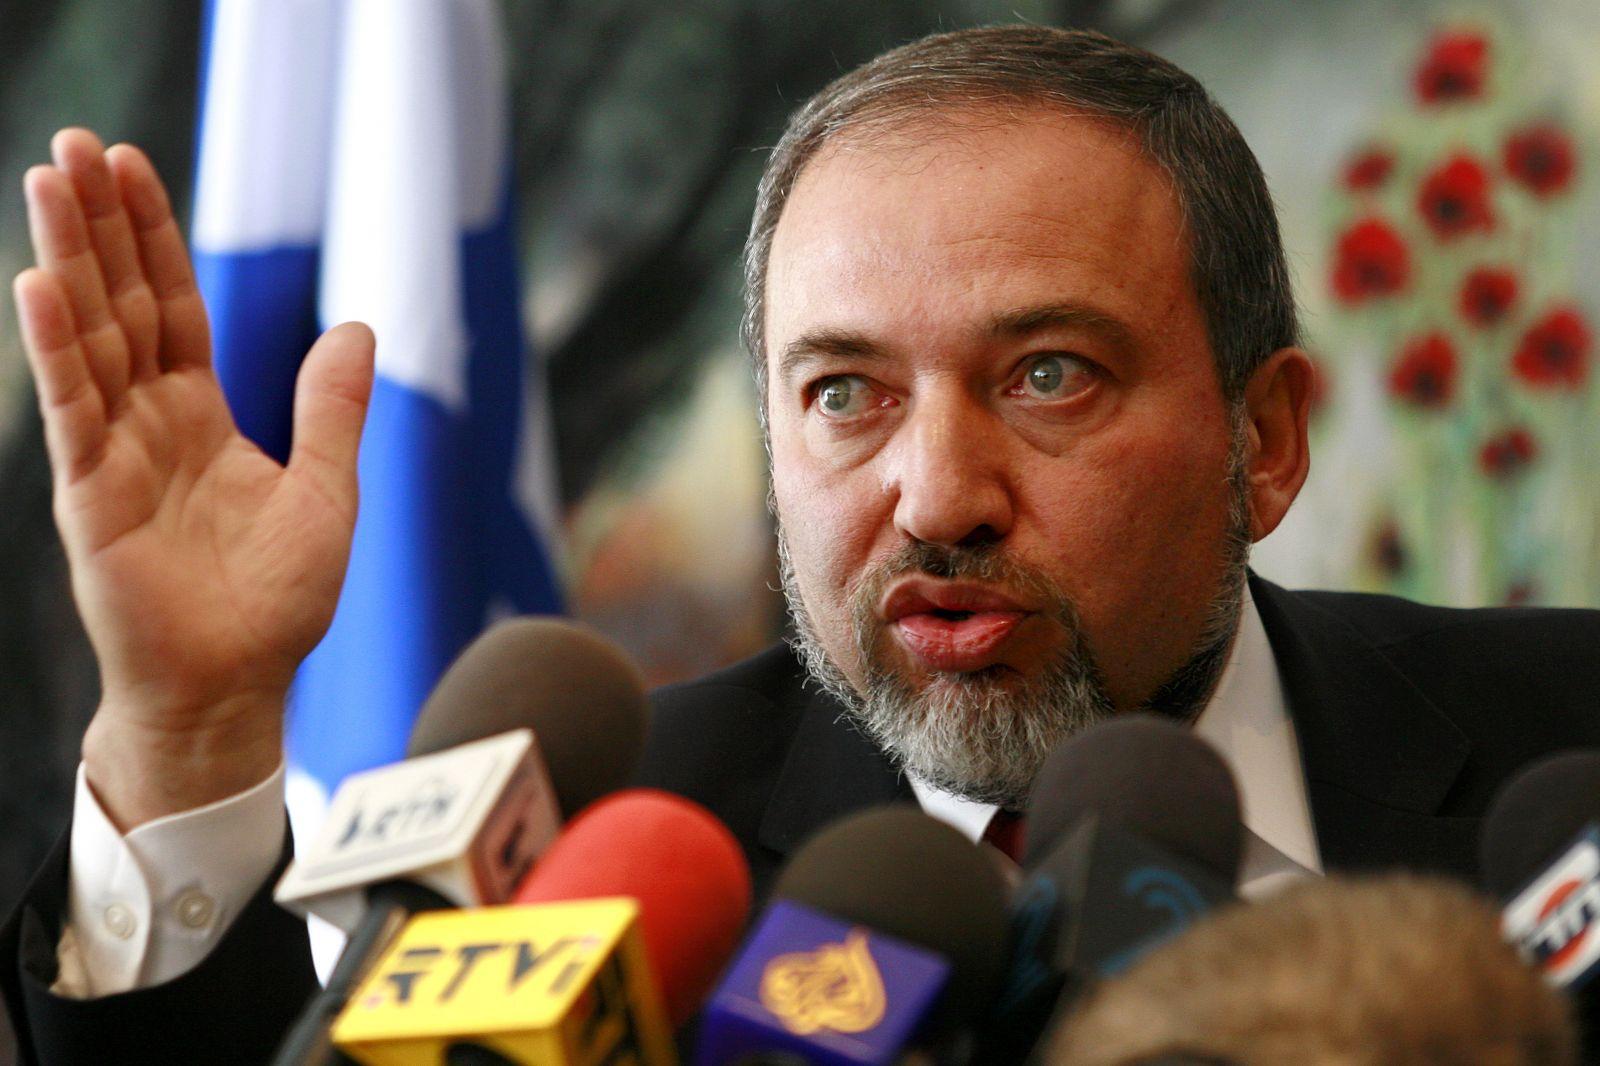 ليبرمان يدعو لإقامة تحالفات مع دول عربية معتدلة